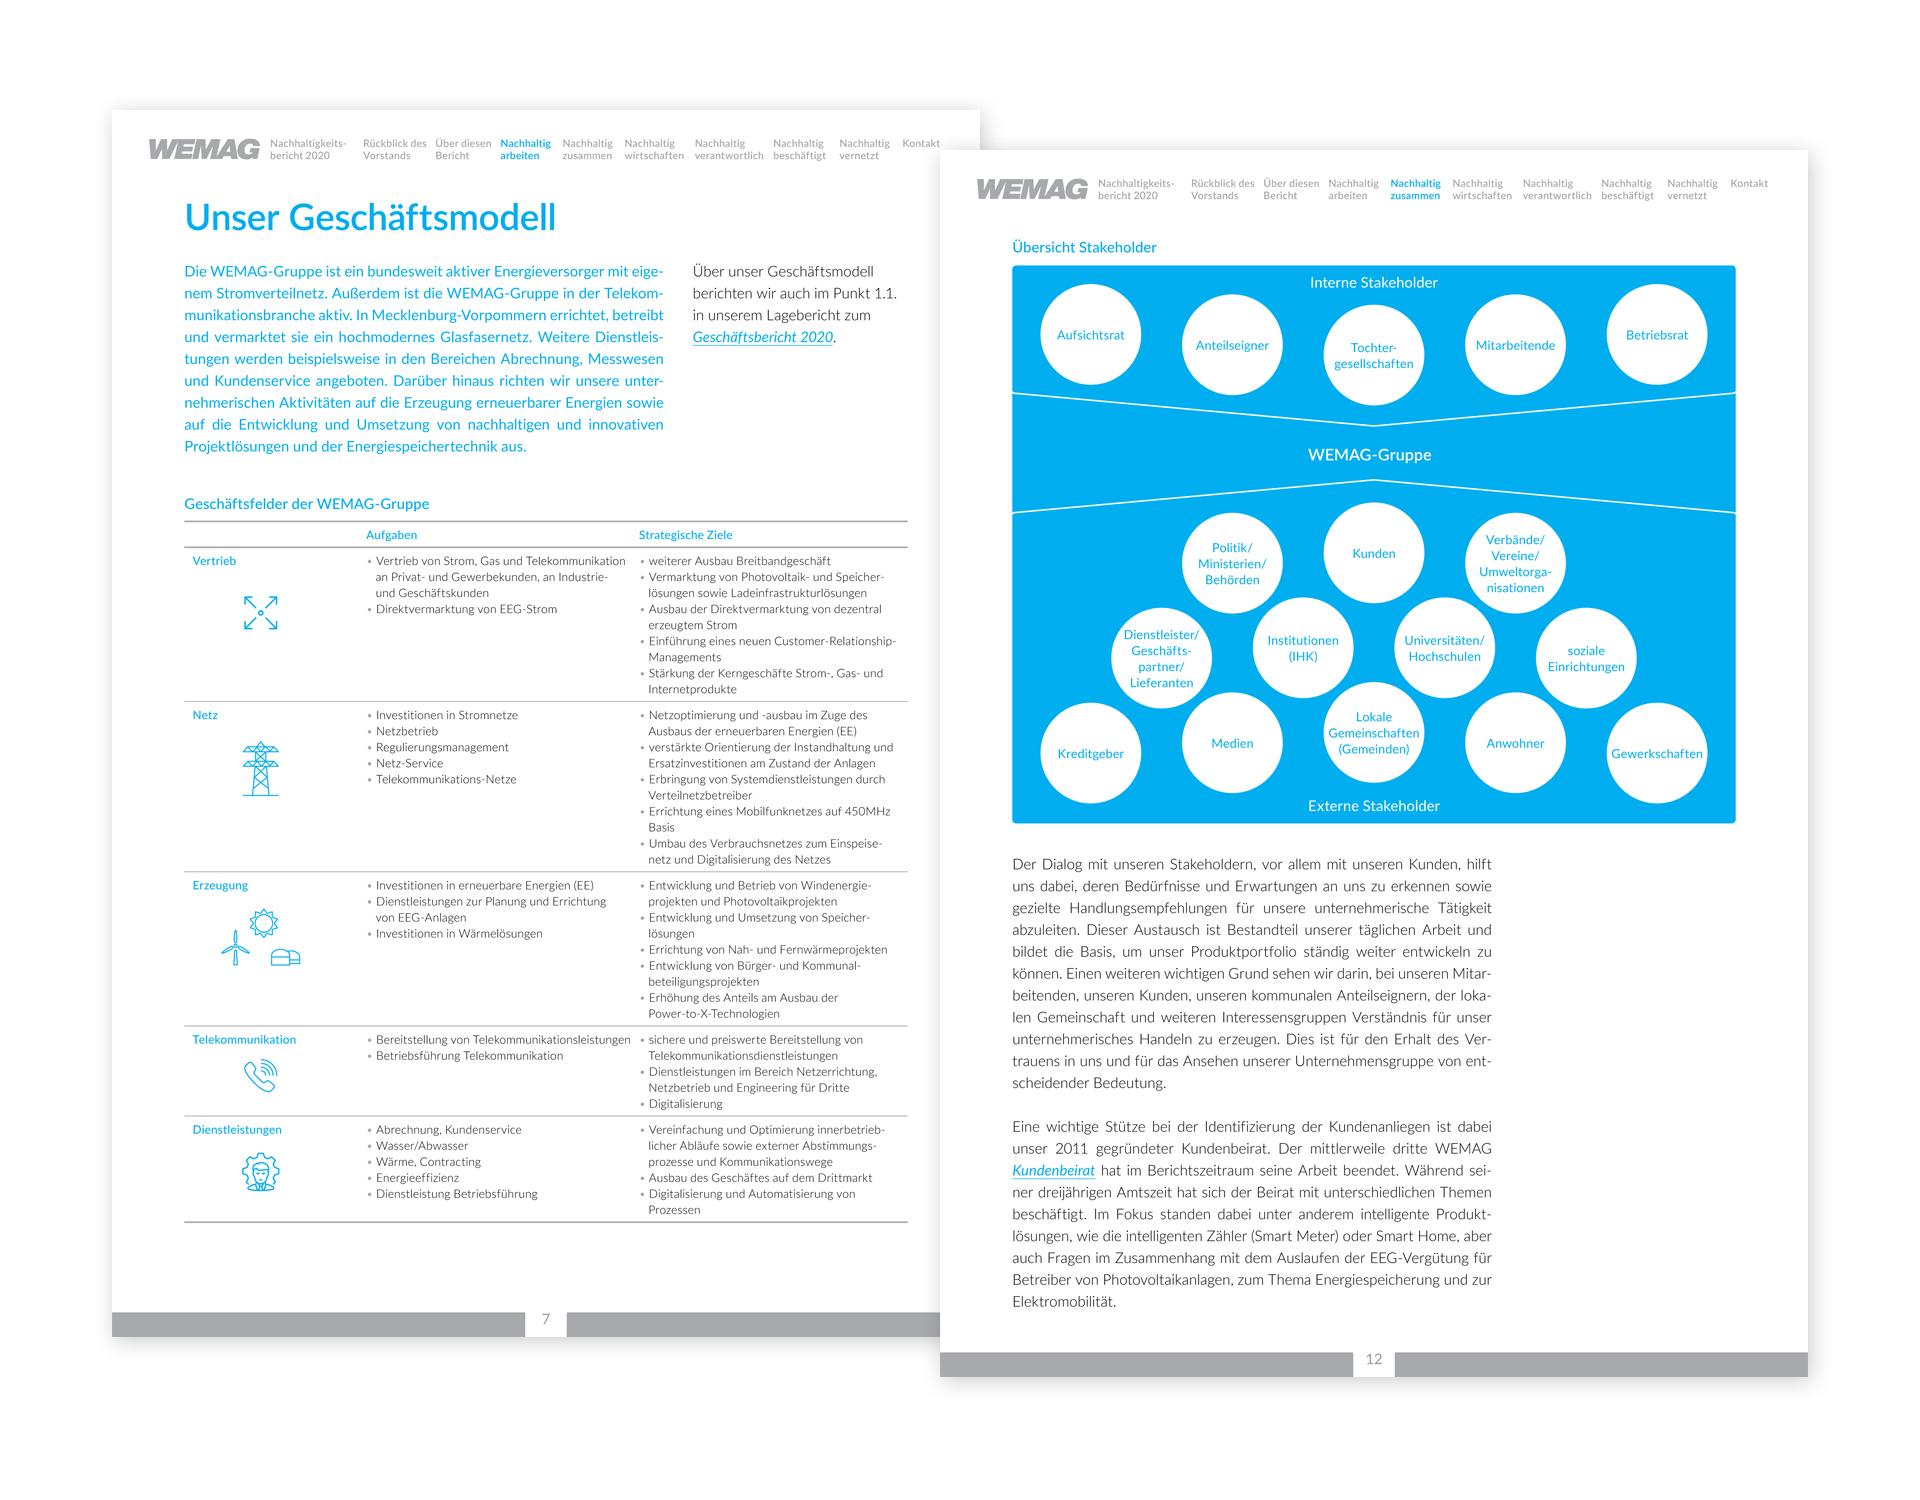 Layouts des Nachhaltigkeitsbericht 2020 der WEMAG AG mit Icons und Infografik zu den Geschäftsfeldern und Stakeholdern der WEMAG